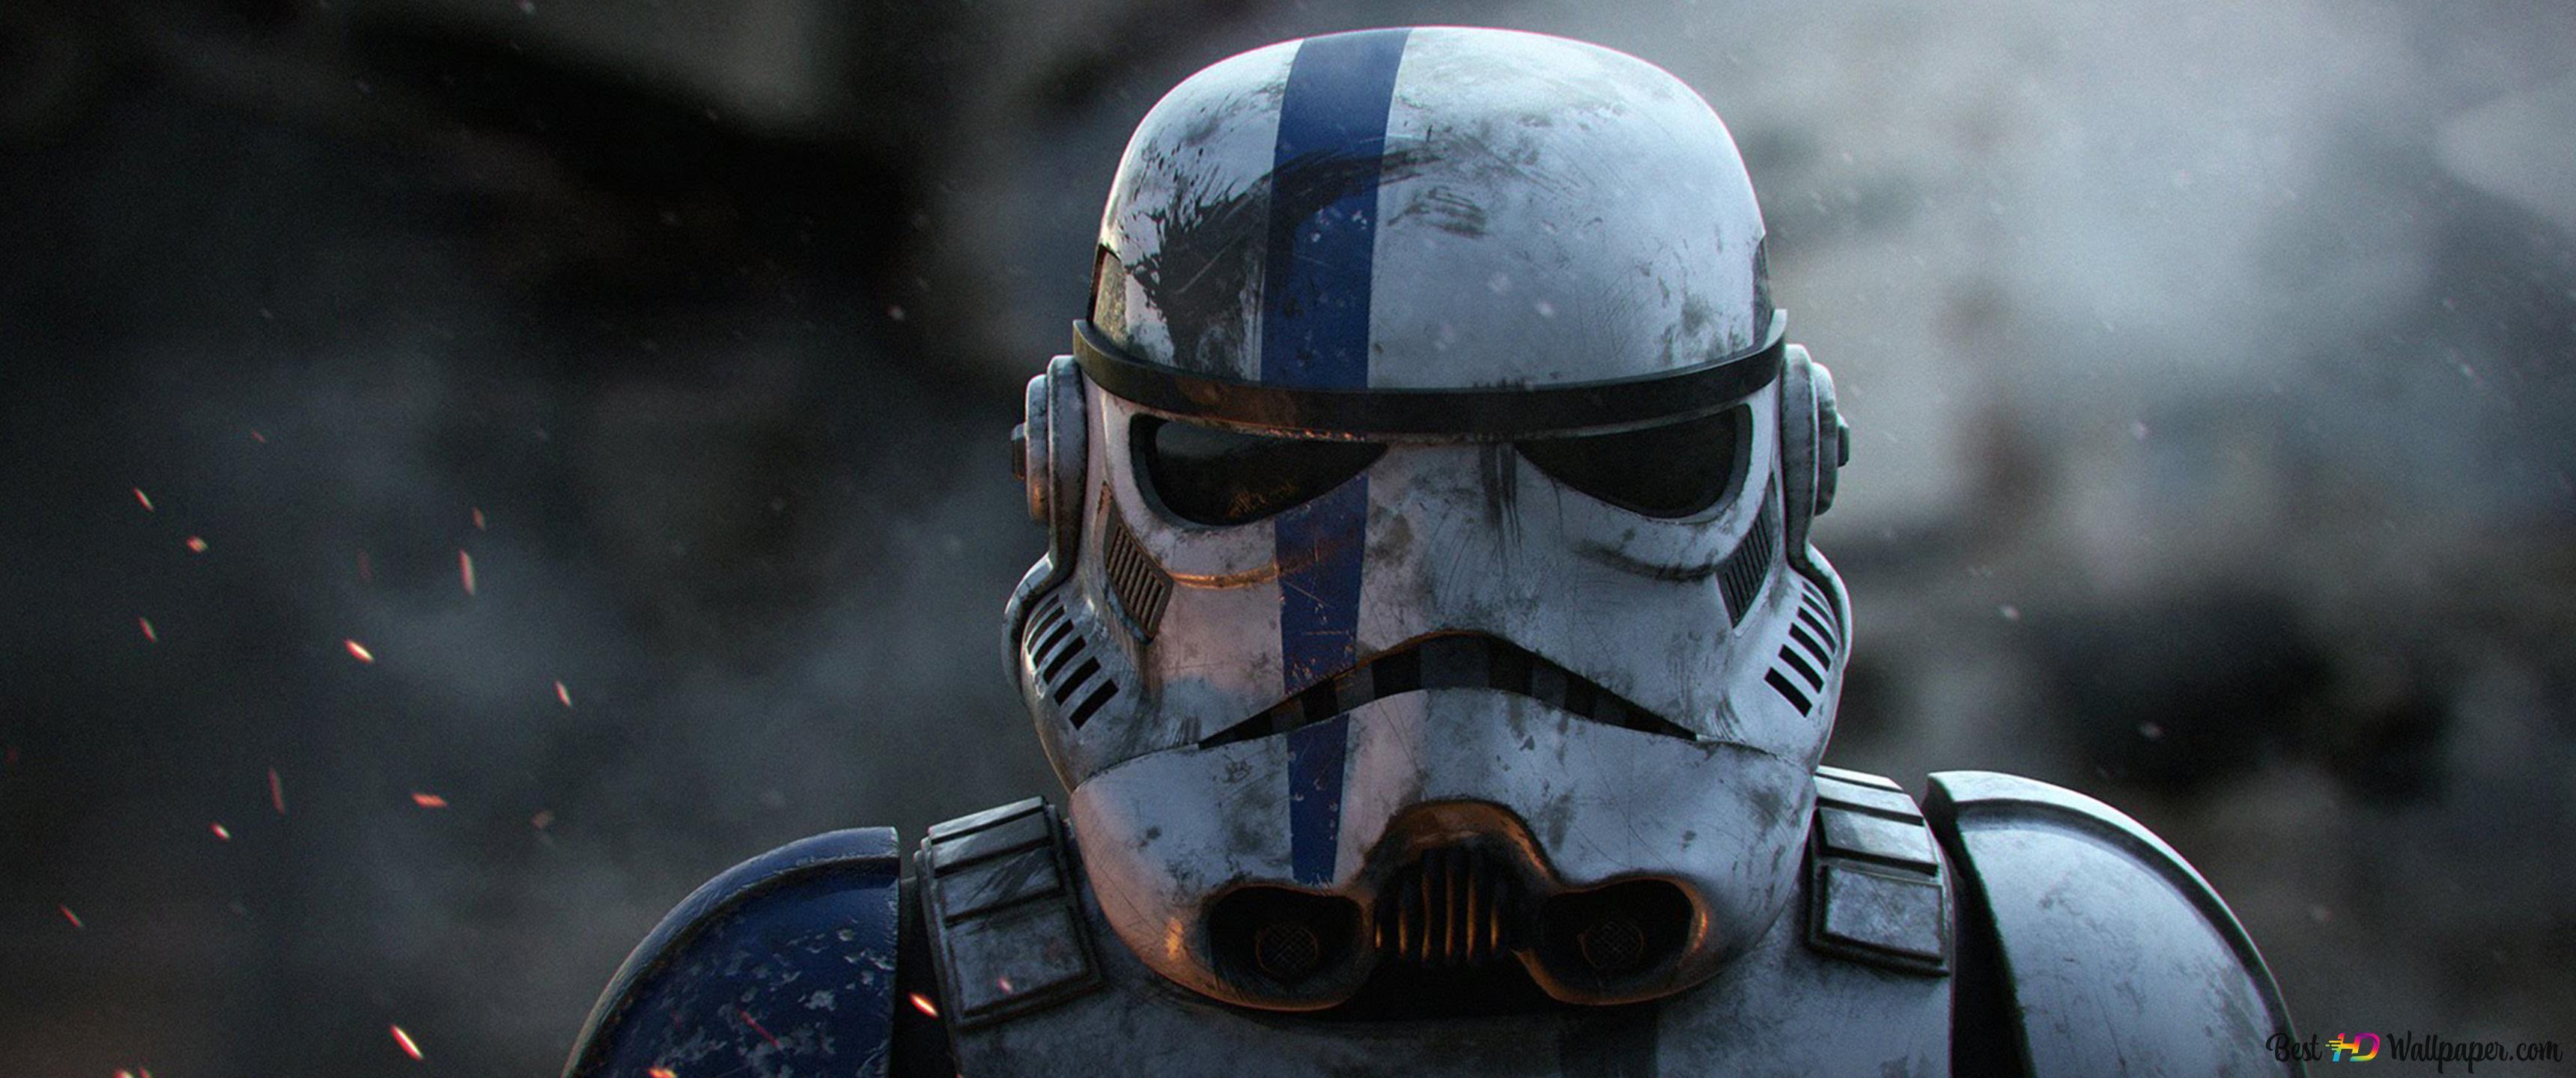 star wars movie clone trooper wallpaper 3440x1440 15848 15